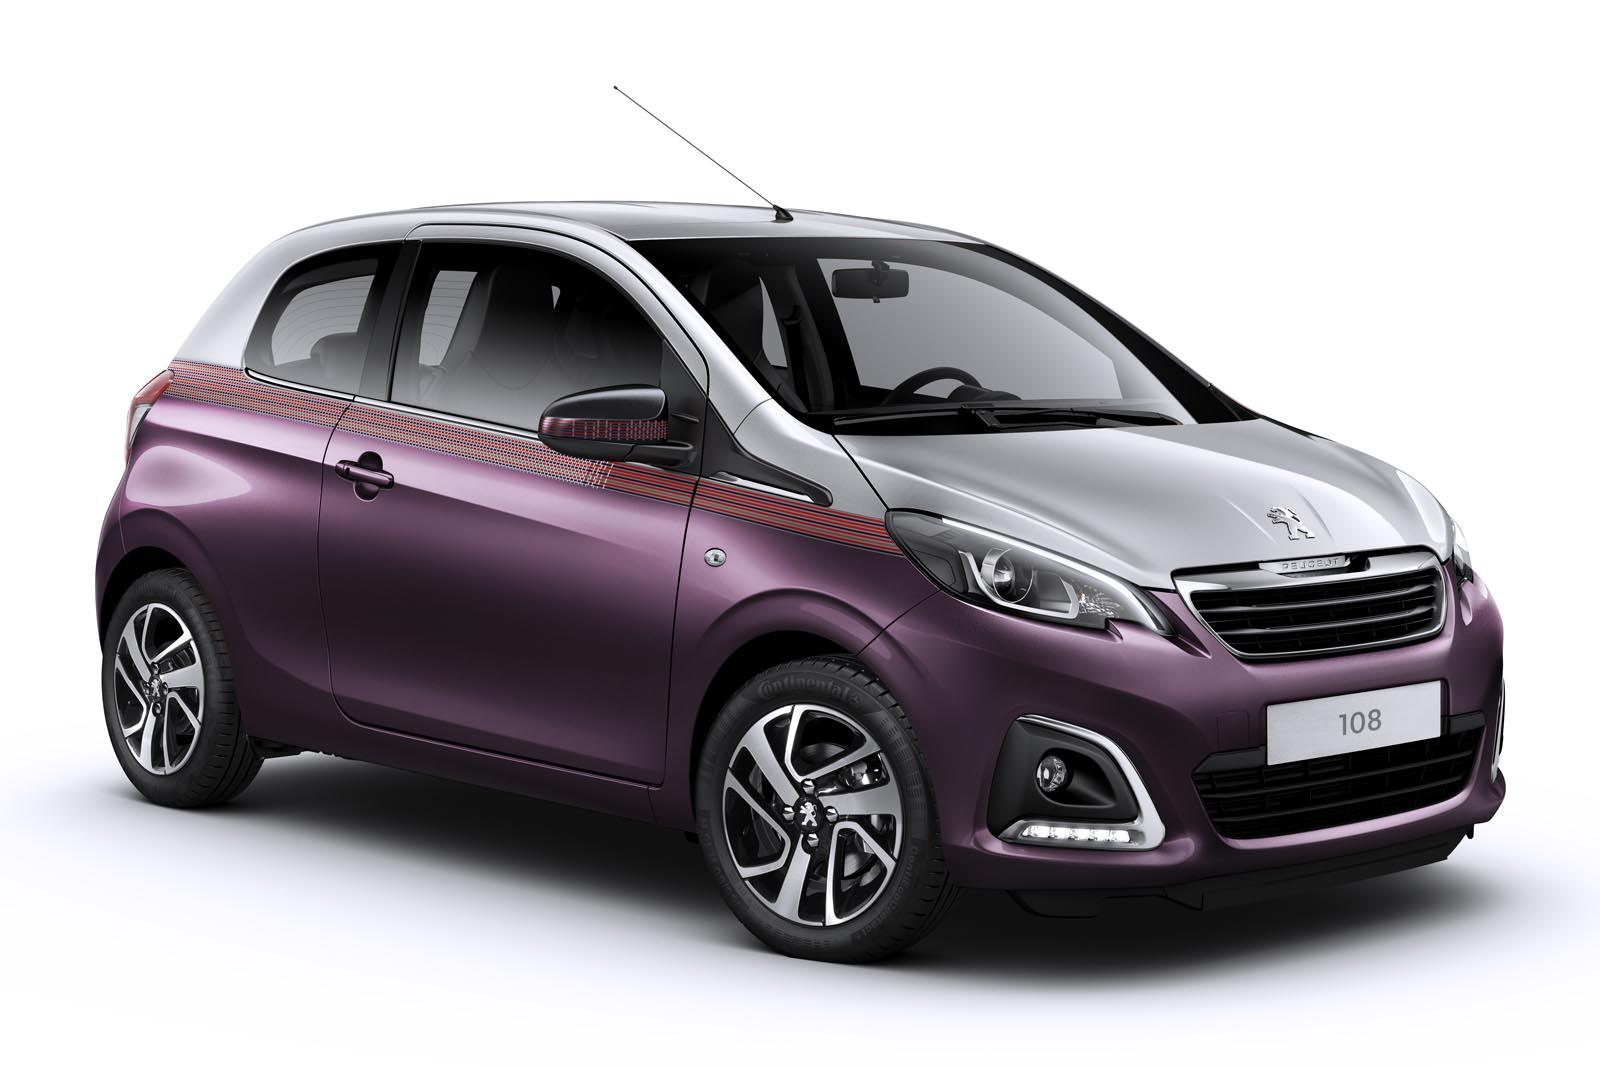 Precios de Peugeot 108 1.0 VTi 75 Active Aut. 5p